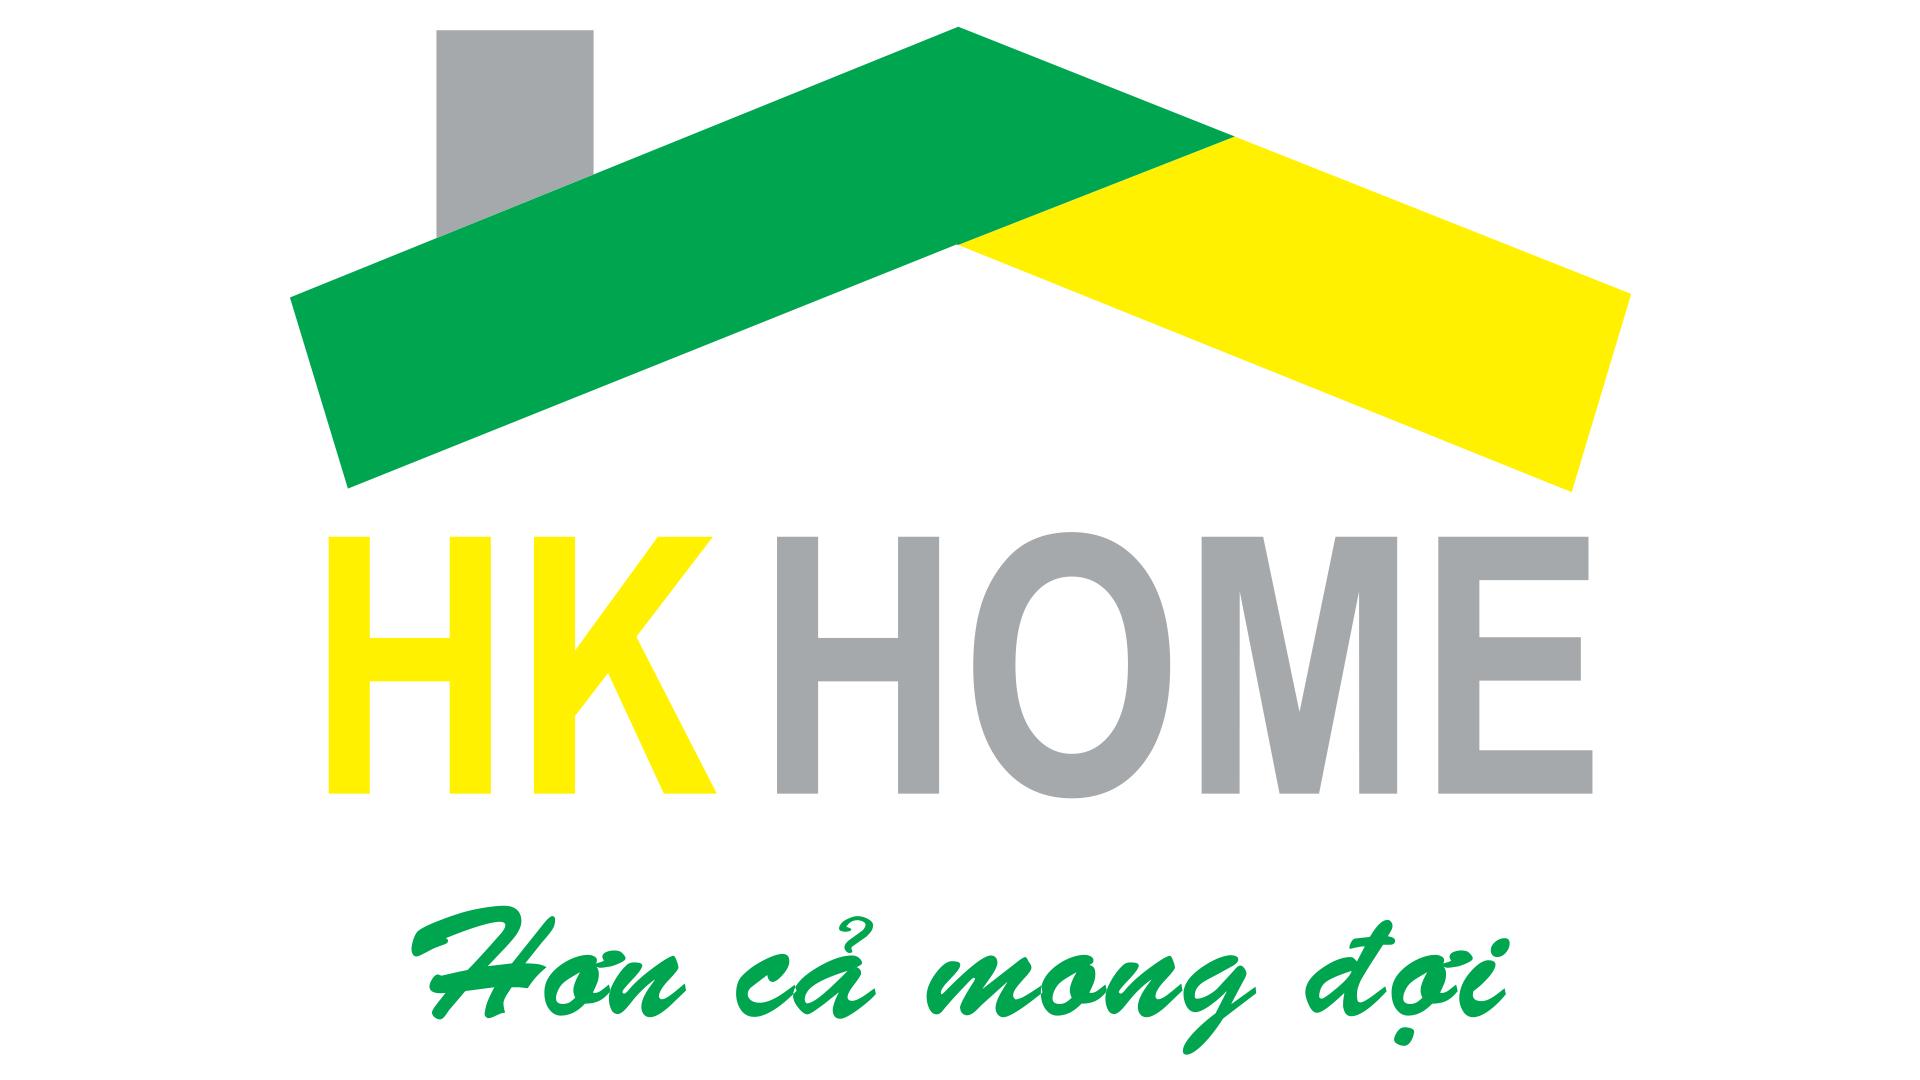 THIẾT BỊ VỆ SINH HK HOME - GIỚI THIỆU